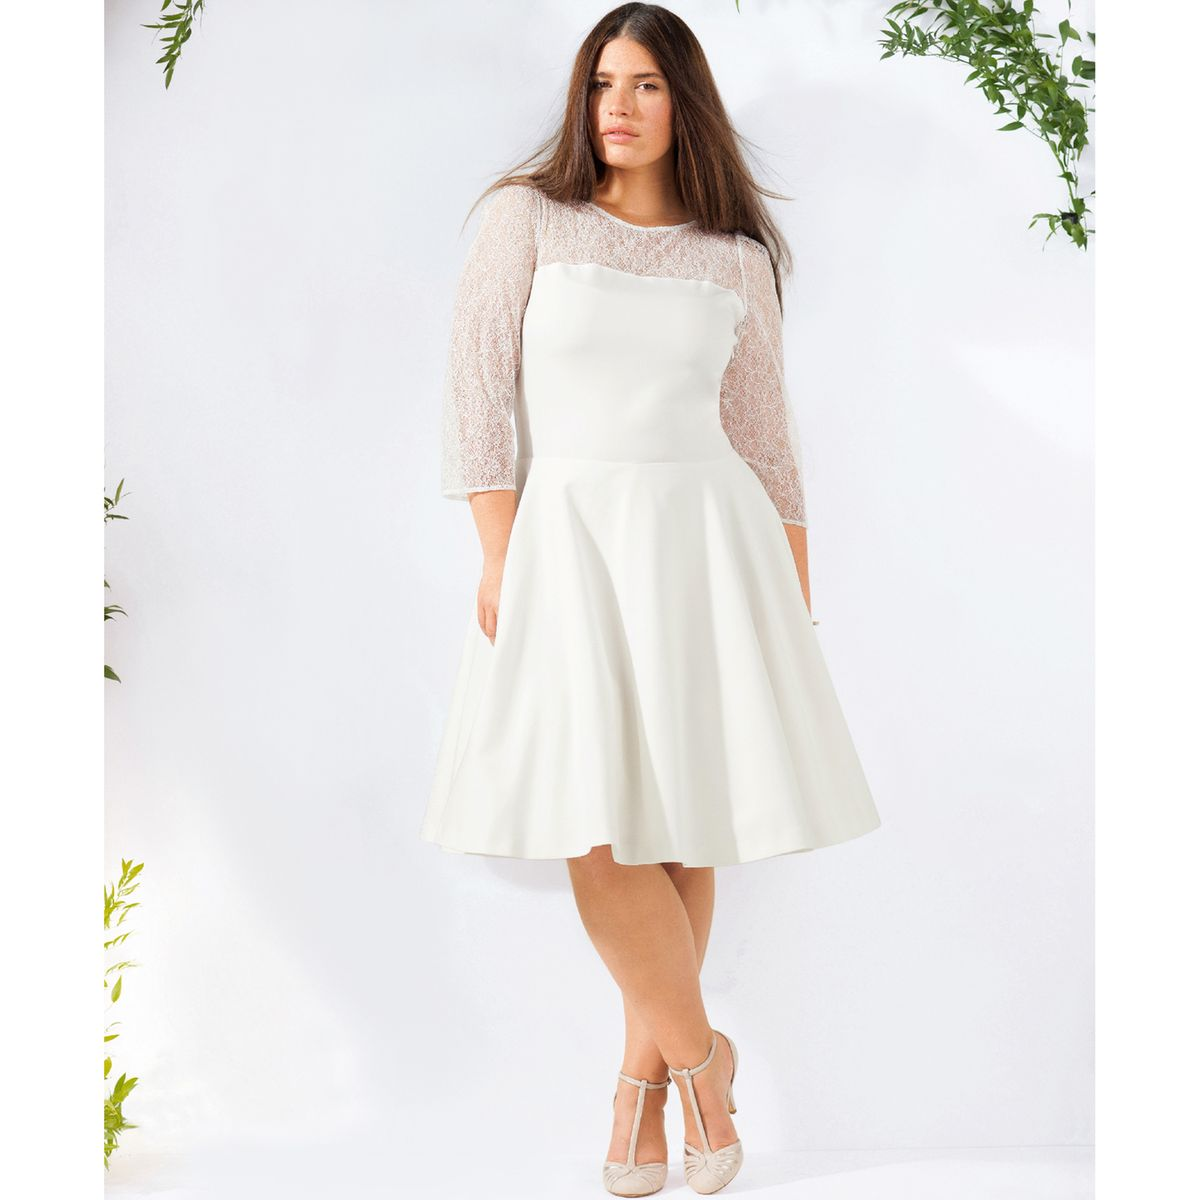 Une robe de mariée pour celles qui ont de belles courbes !